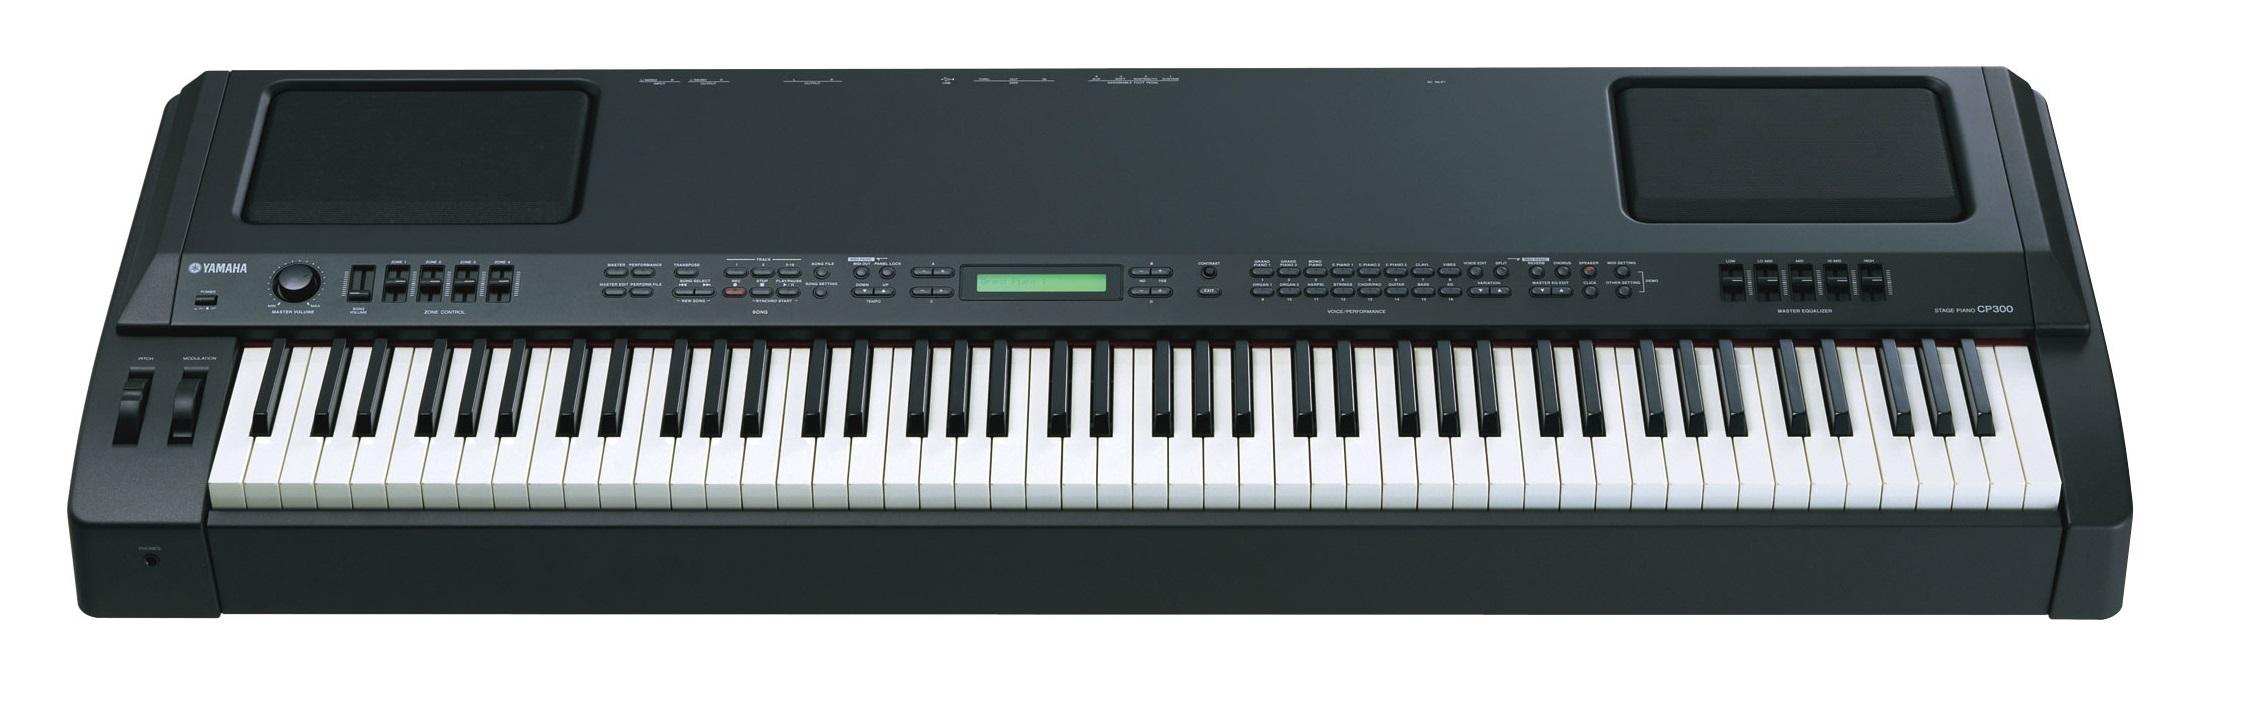 Yamaha CP-300